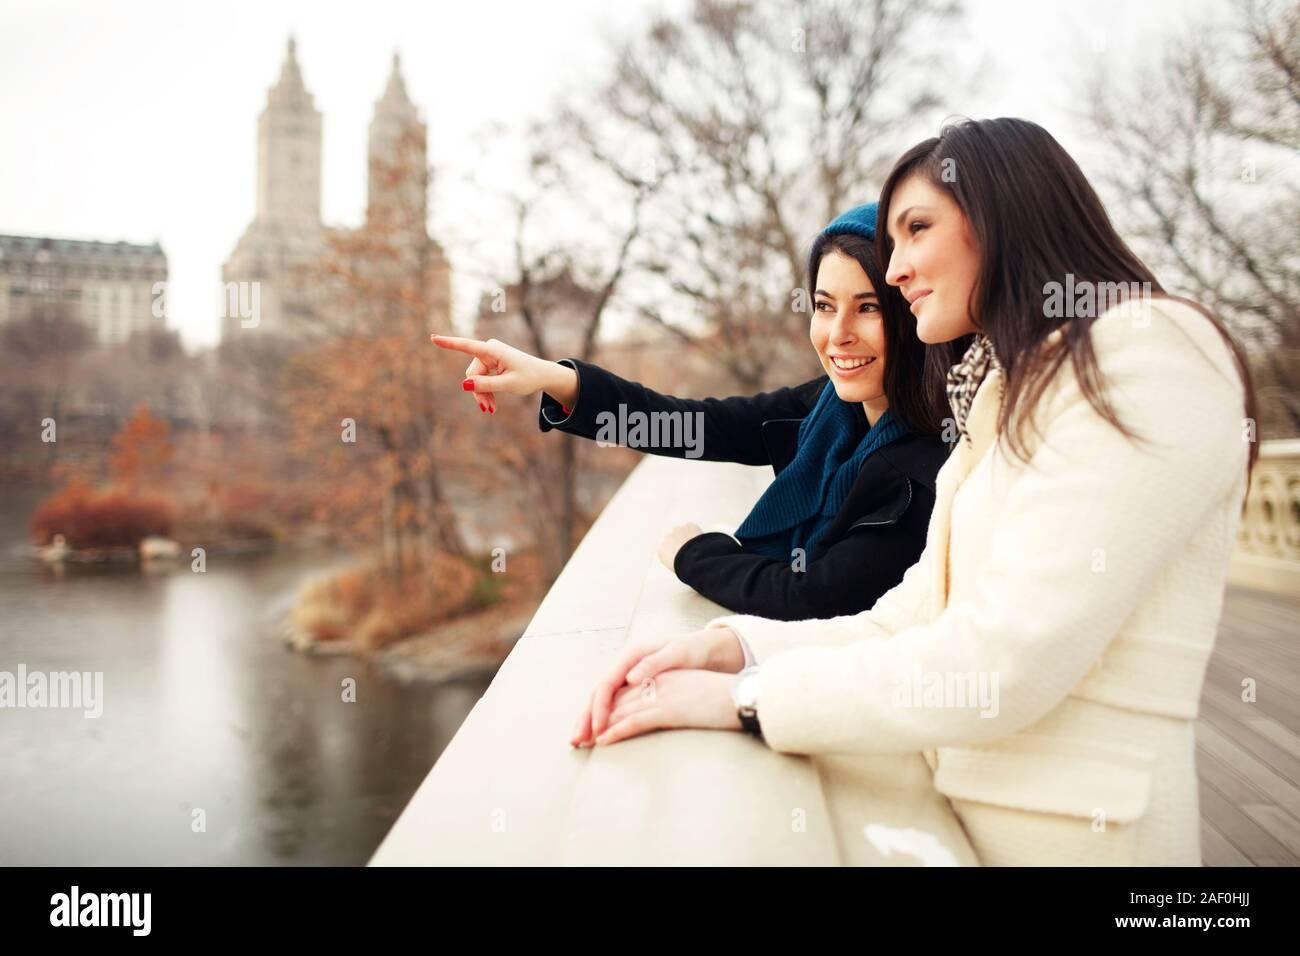 Mujer señalando a la distancia con un amigo, en las cercanías del parque de la ciudad Foto de stock